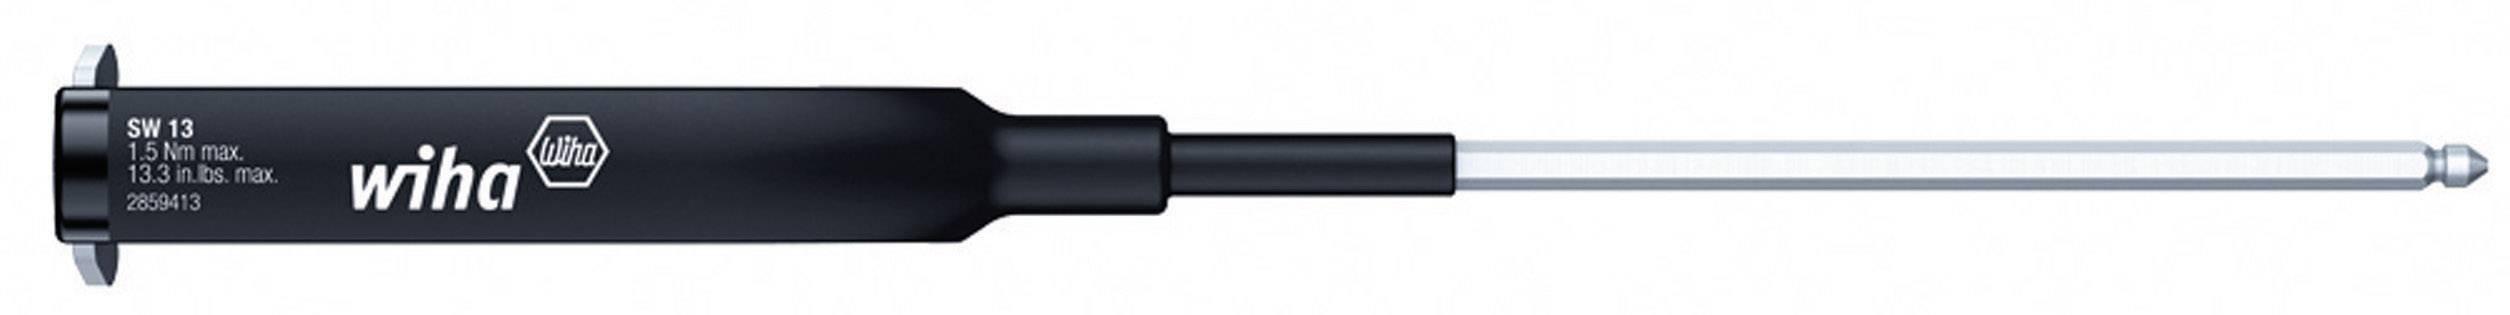 Bit momentového klíče pro kabelové konektory Wiha SW 13